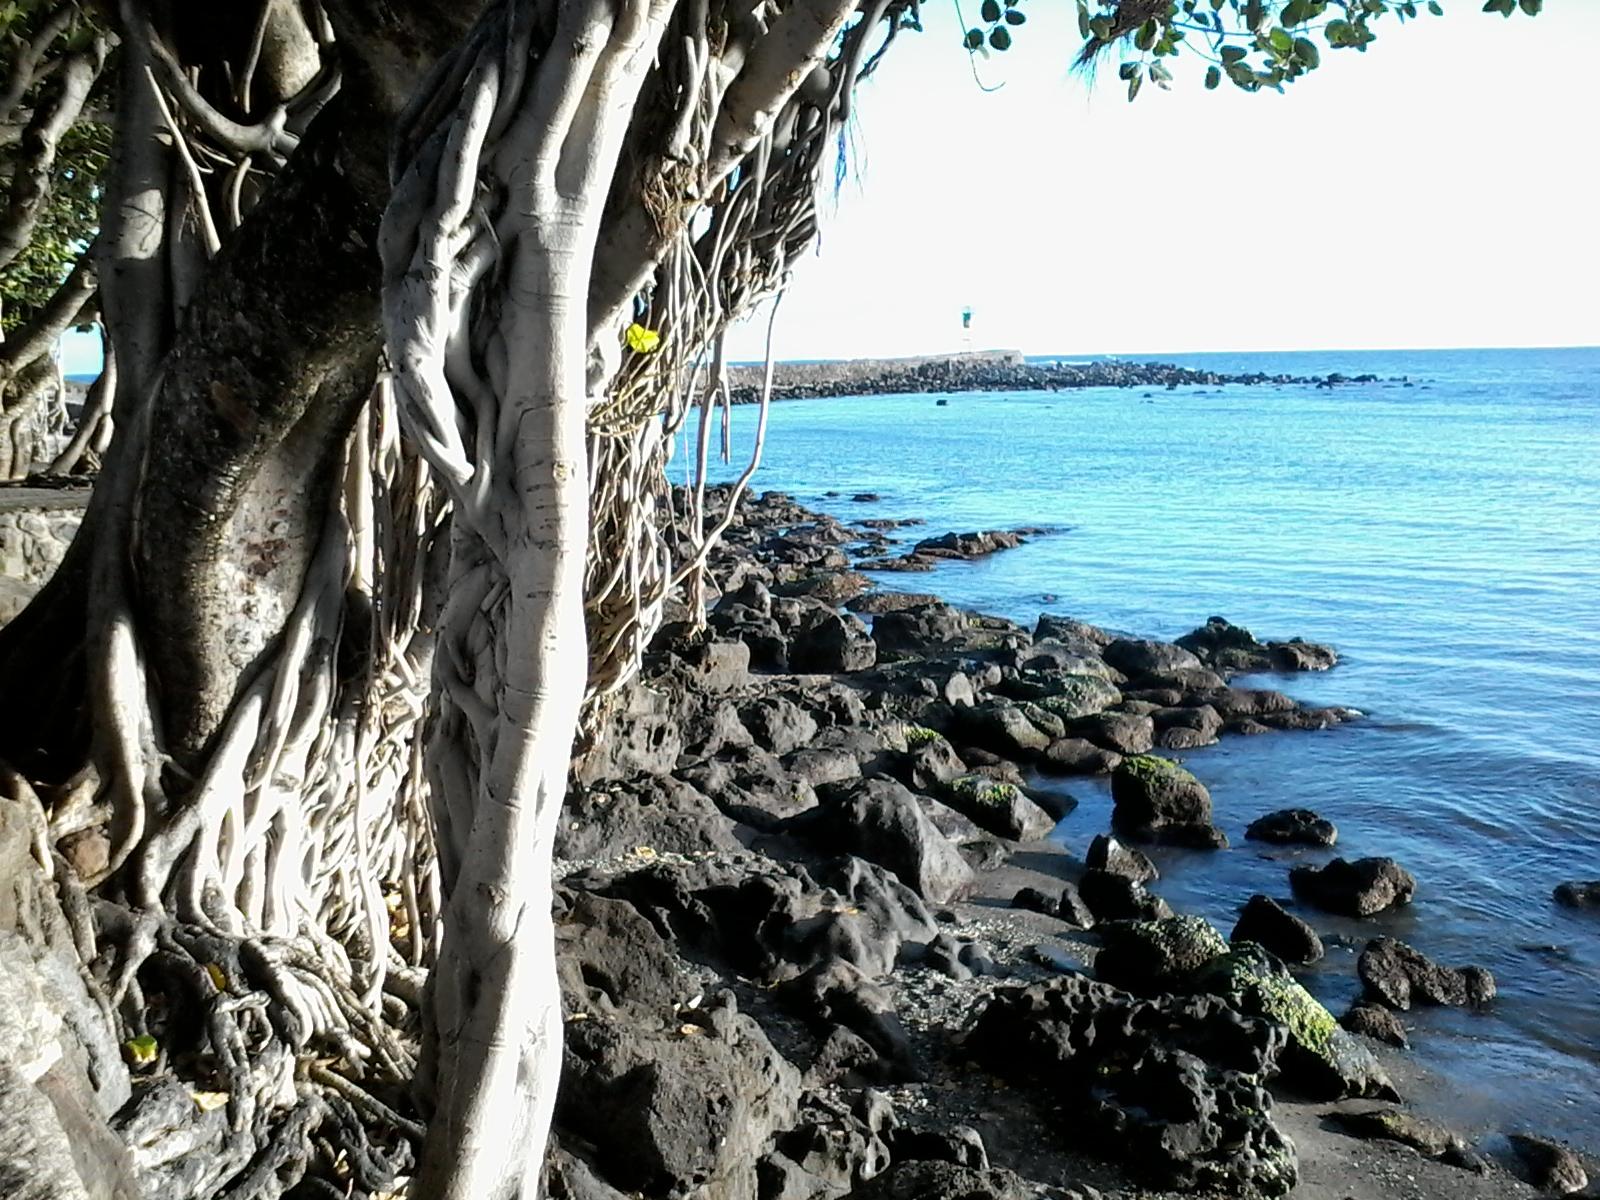 Un arbre des roches et de l eau